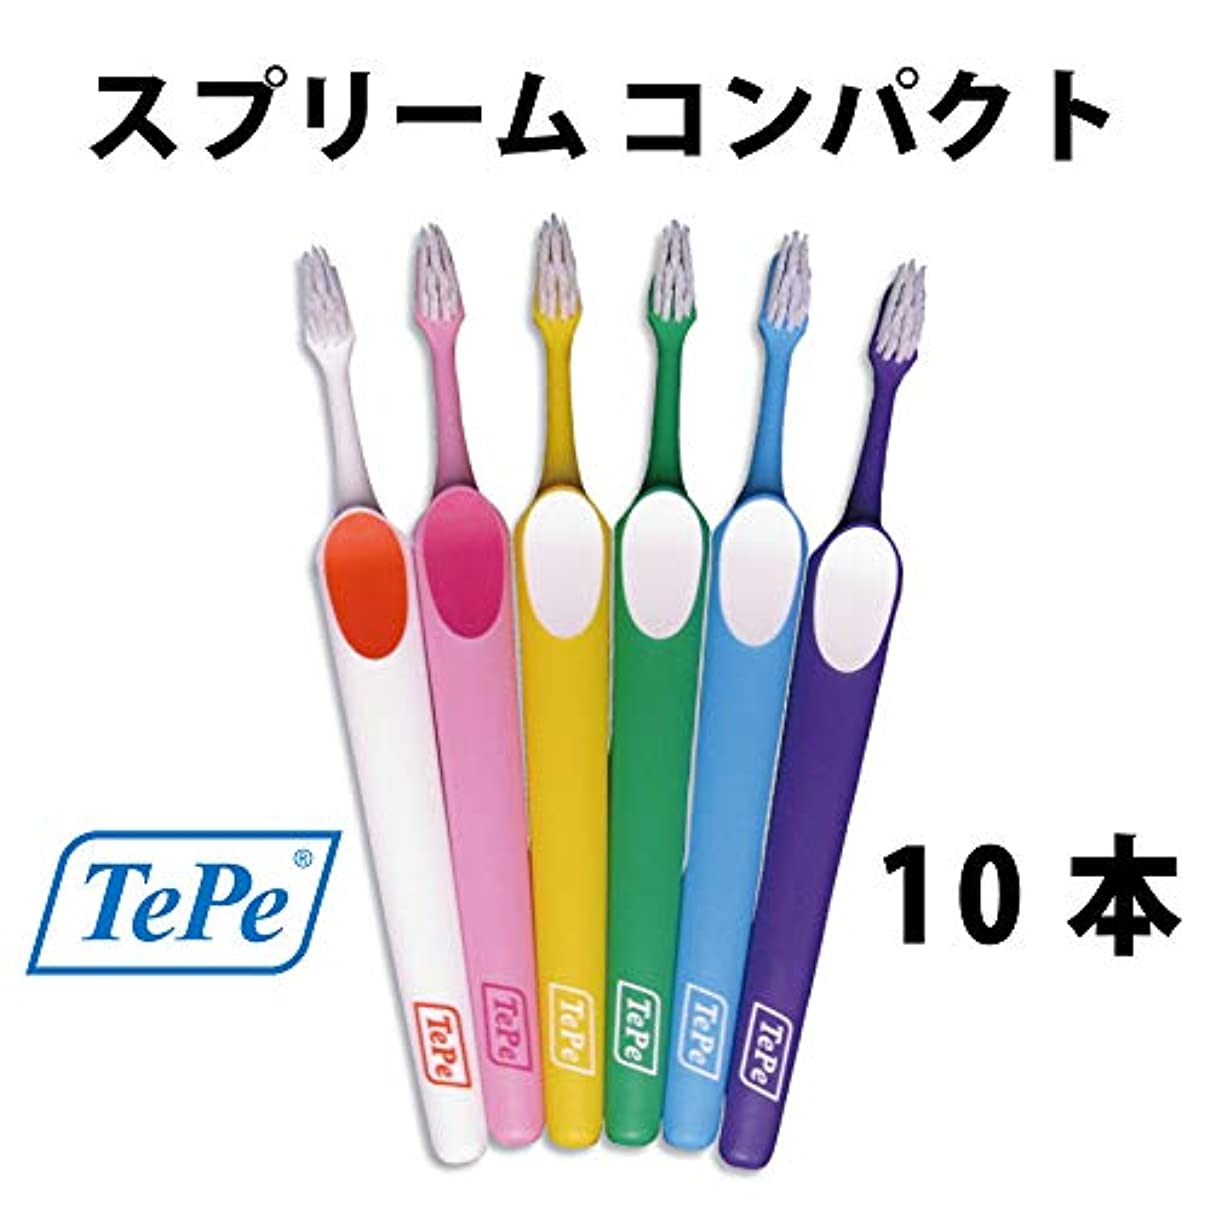 蛇行オーガニック天のTePe (テペ) スプリーム コンパクト 10本